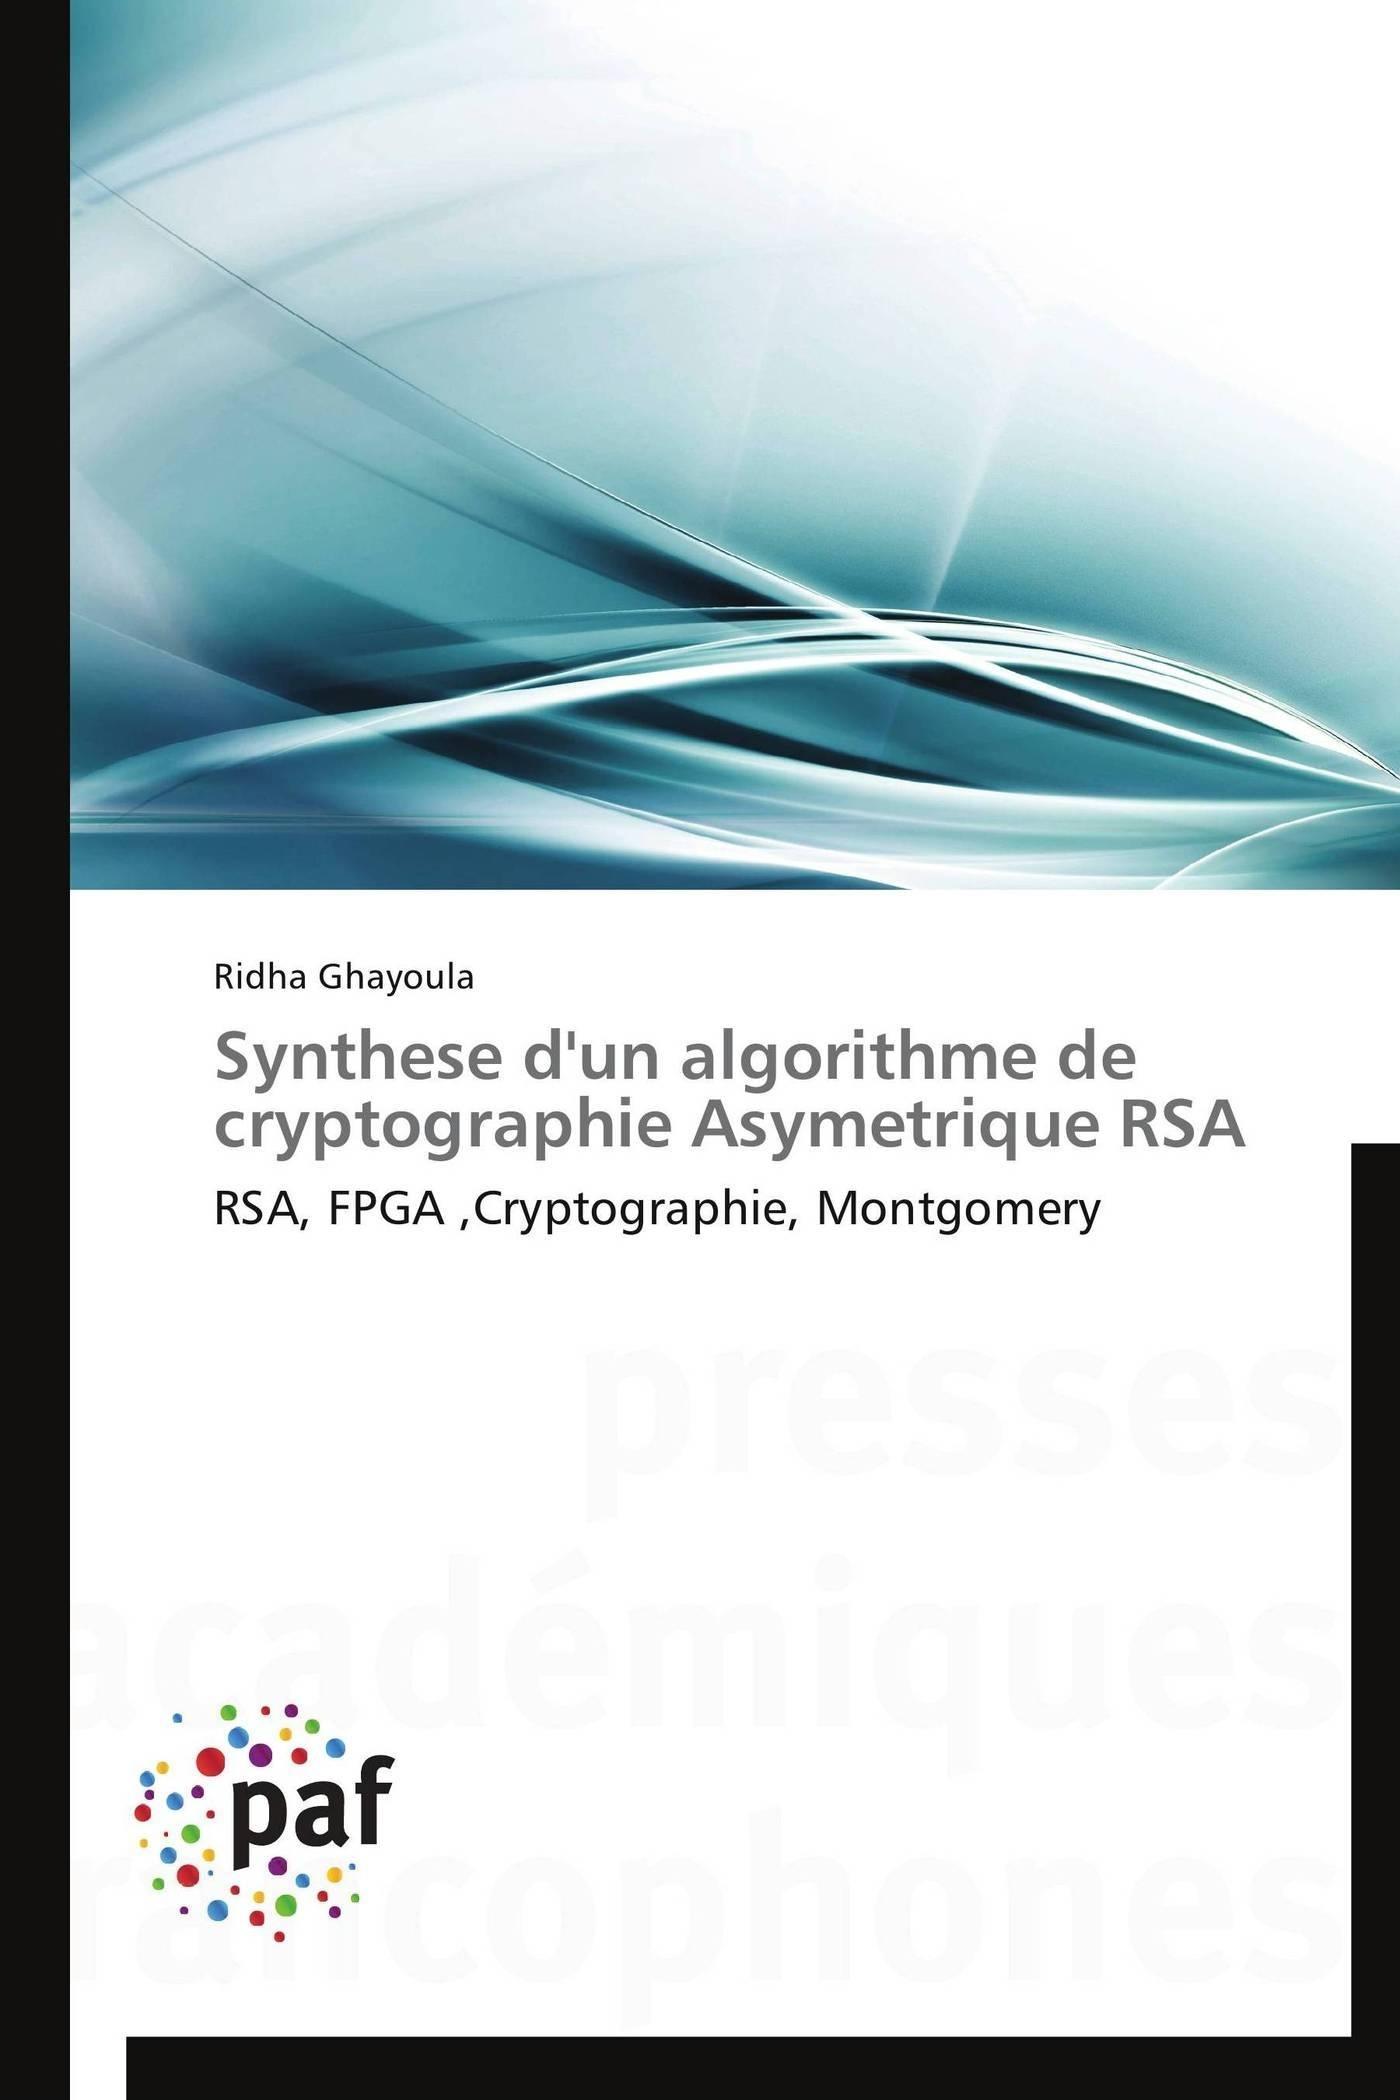 SYNTHESE D'UN ALGORITHME DE CRYPTOGRAPHIE ASYMETRIQUE RSA